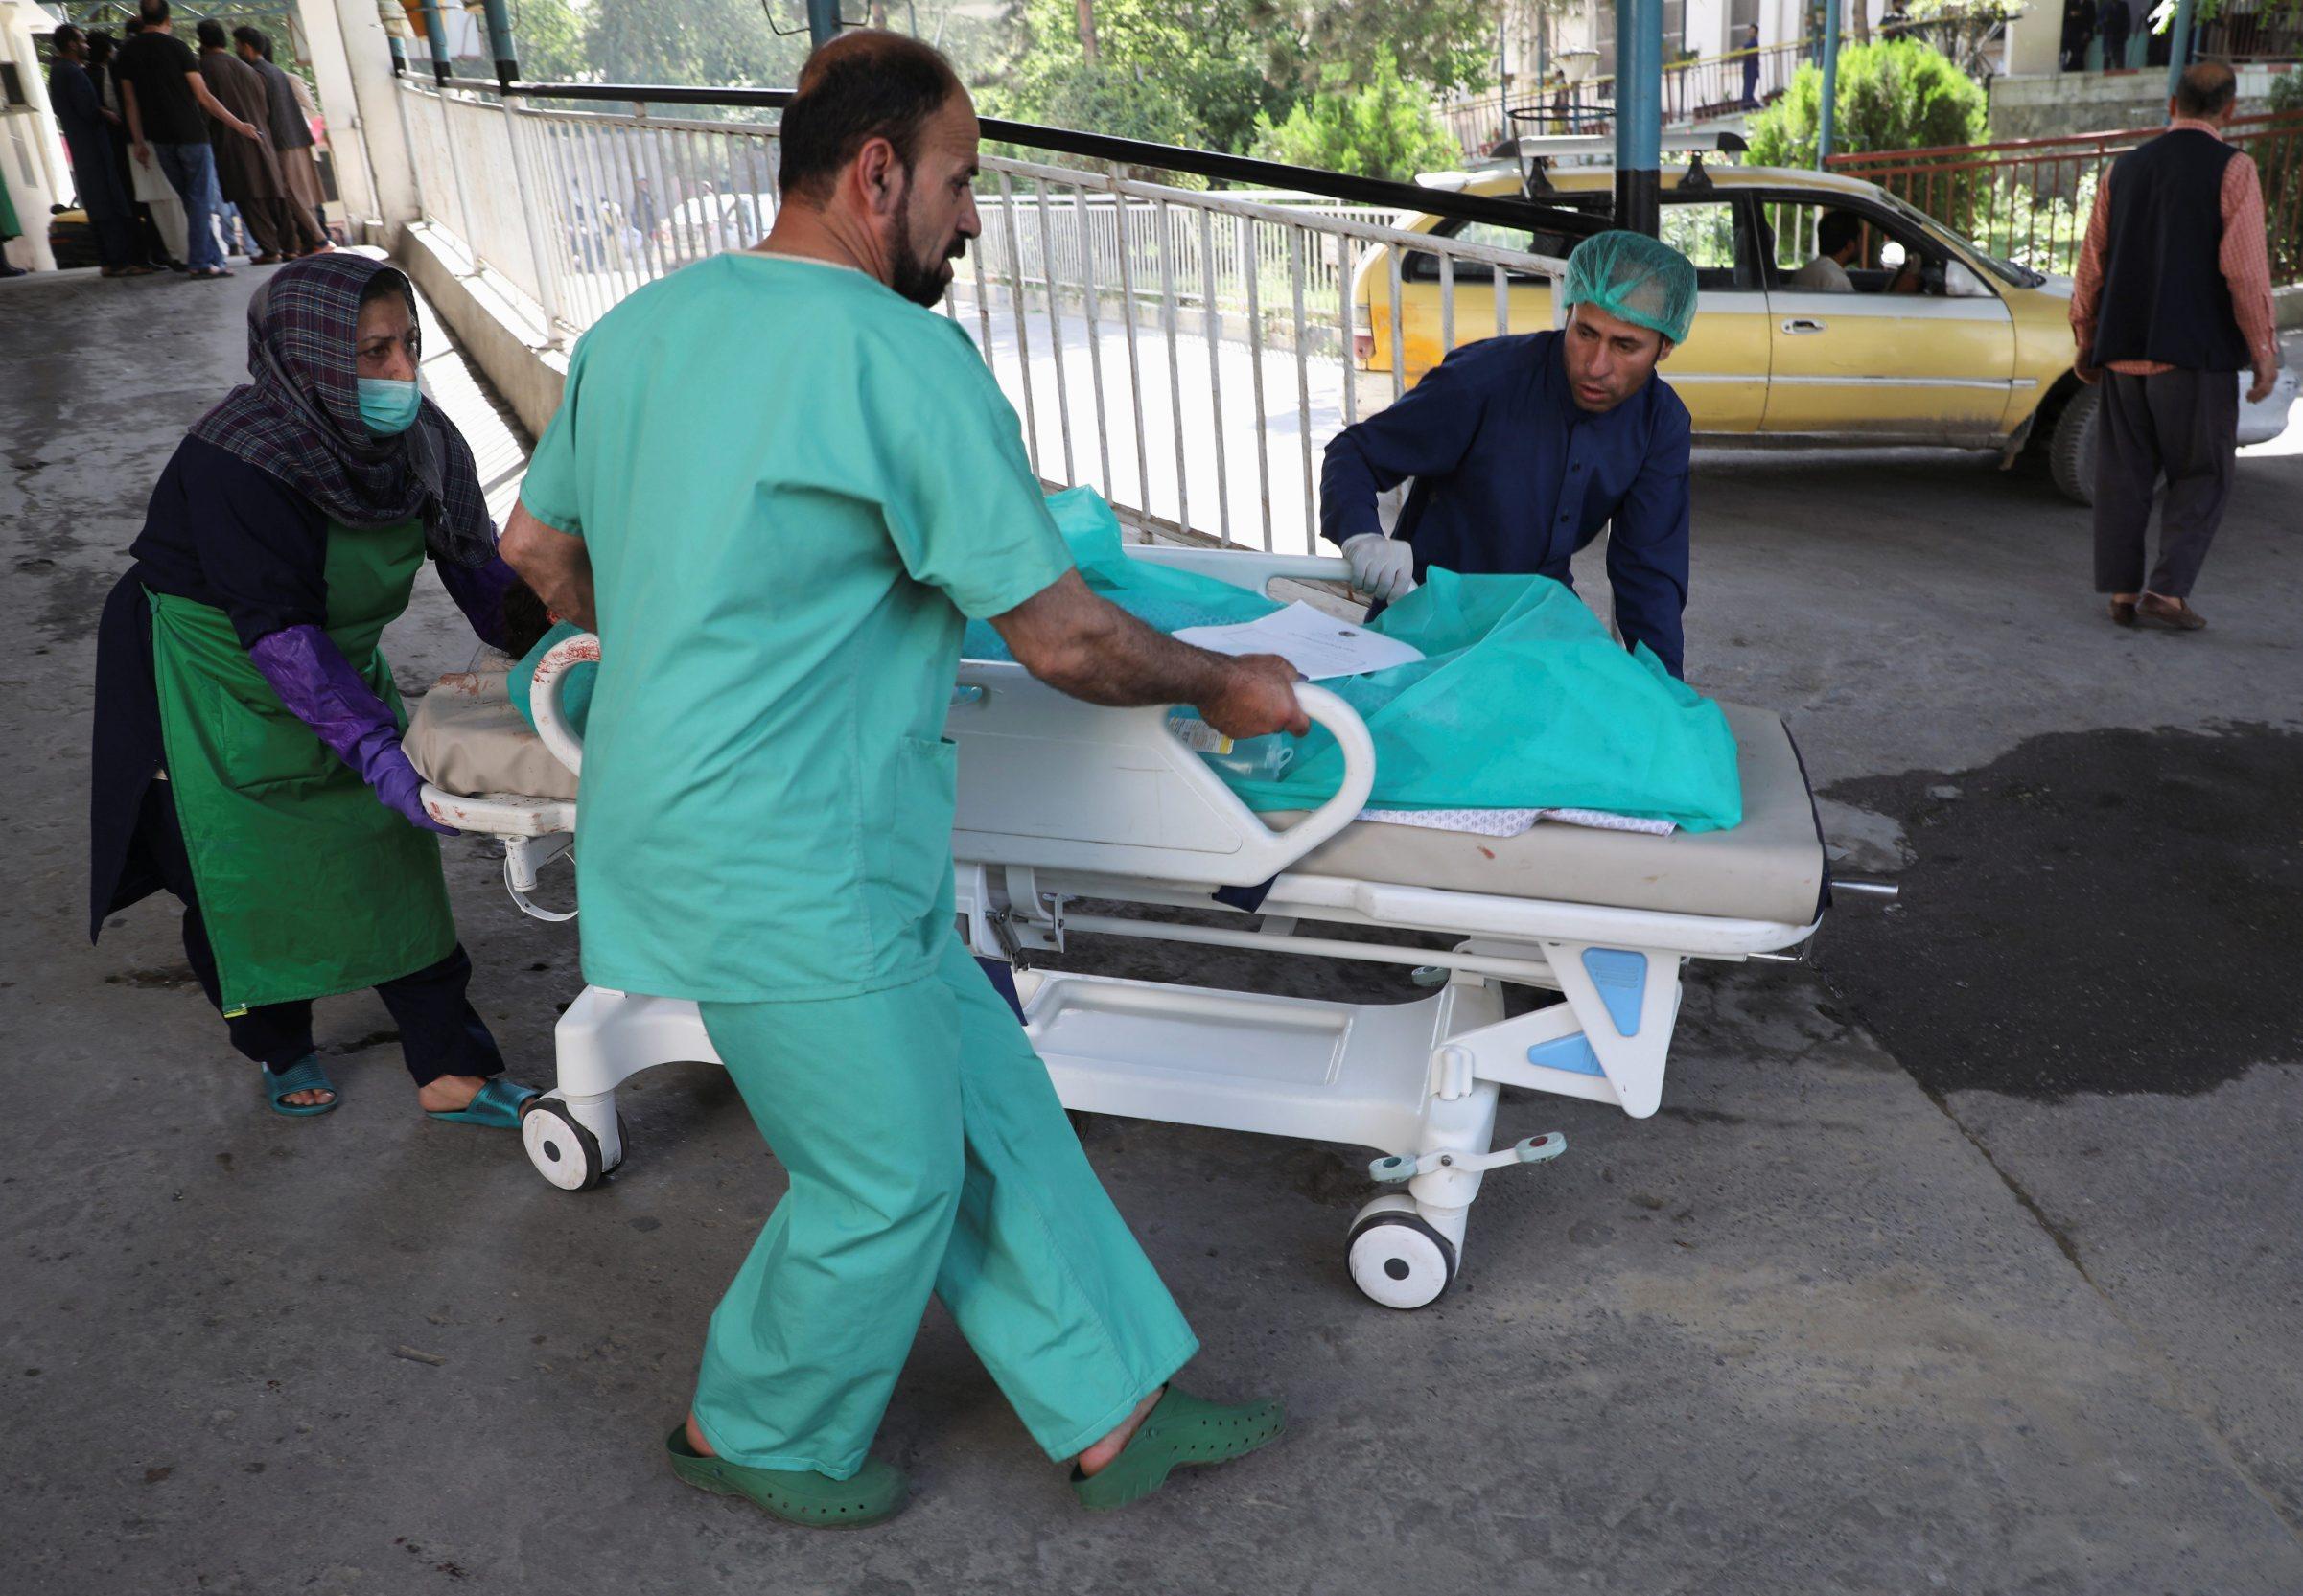 Ozlijeđenog voze u bolnicu nakon novog napada u Kabulu